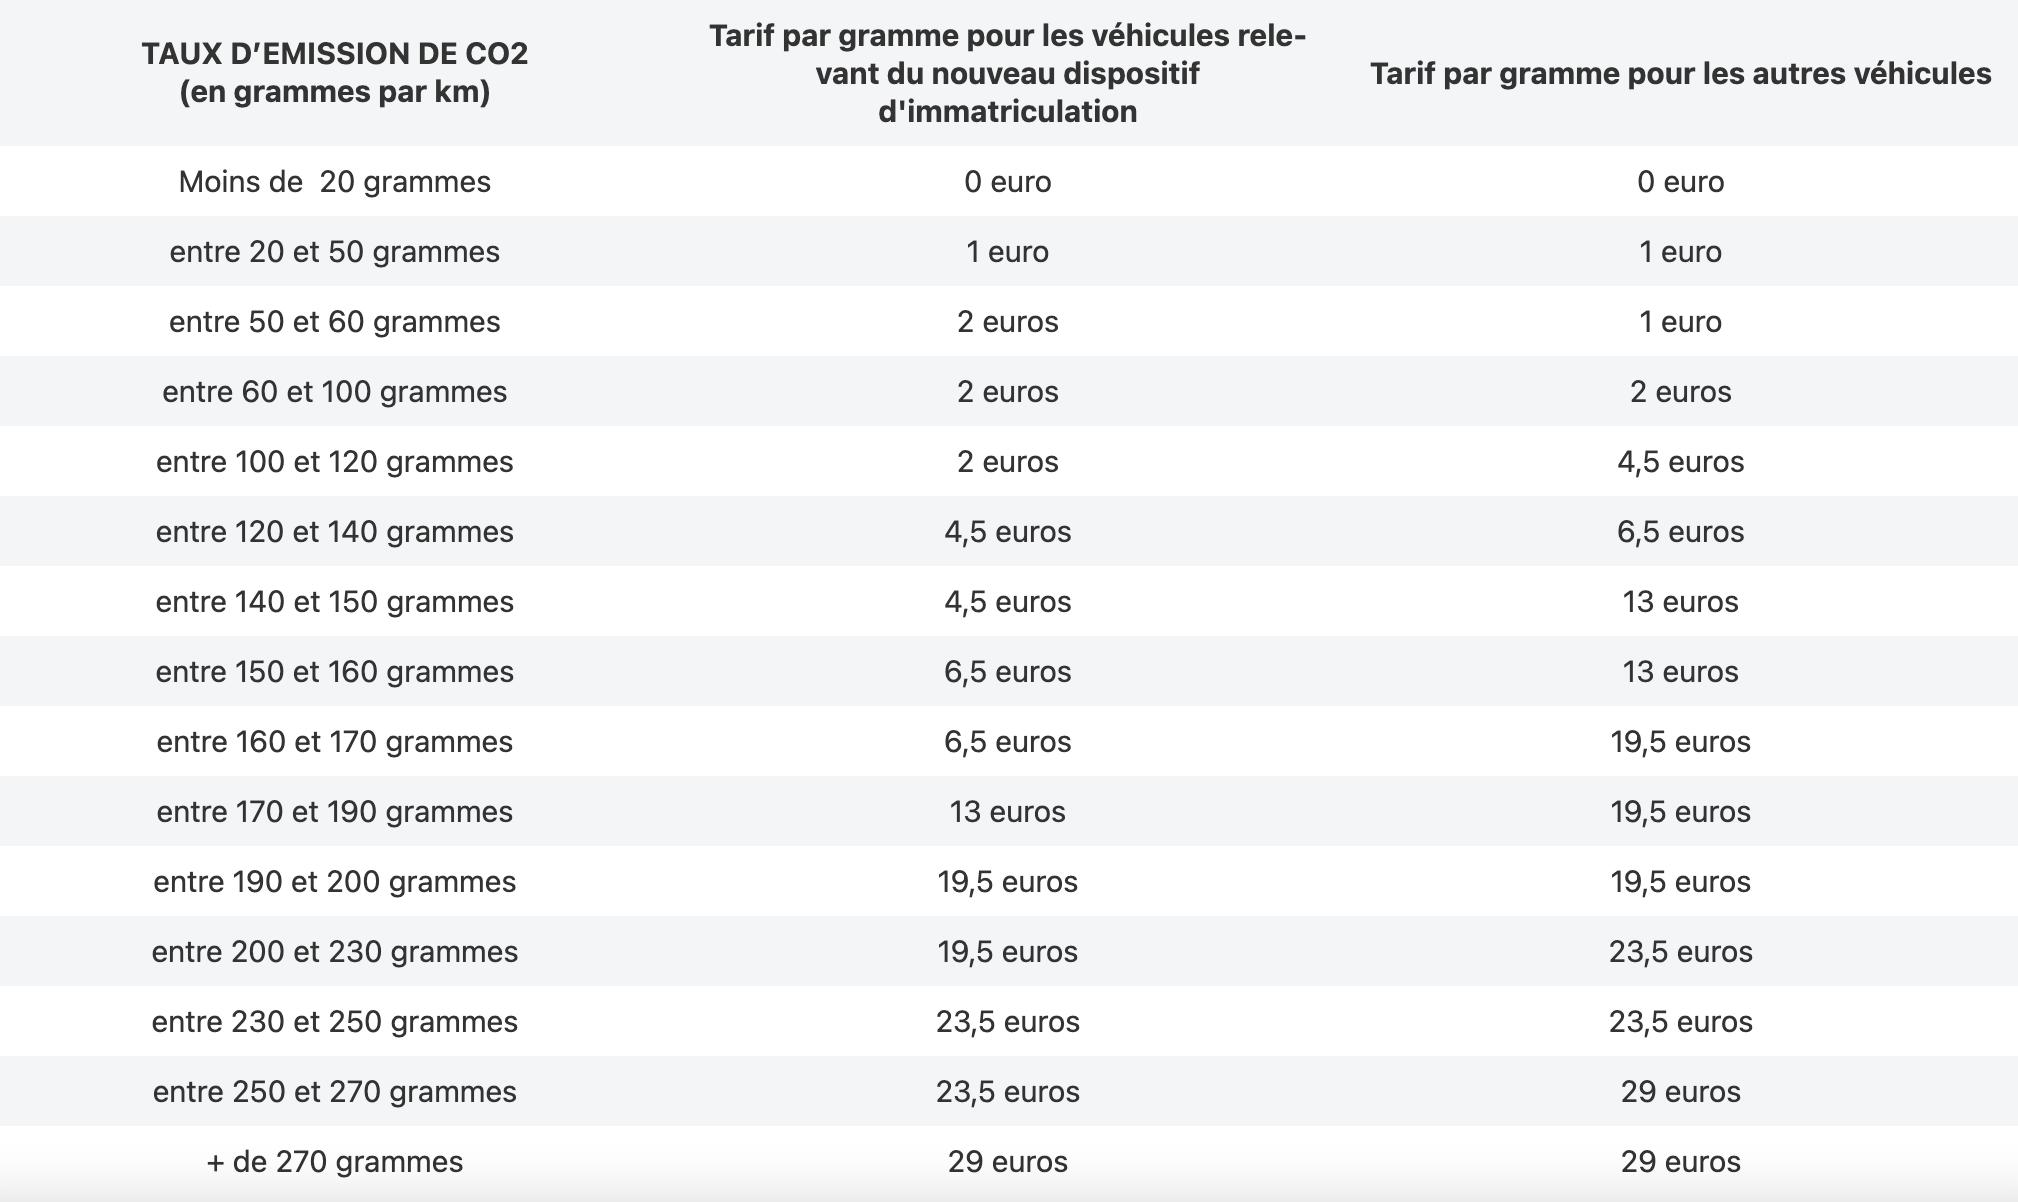 Tableau des tarifs en fonction du taux d'émission de CO2